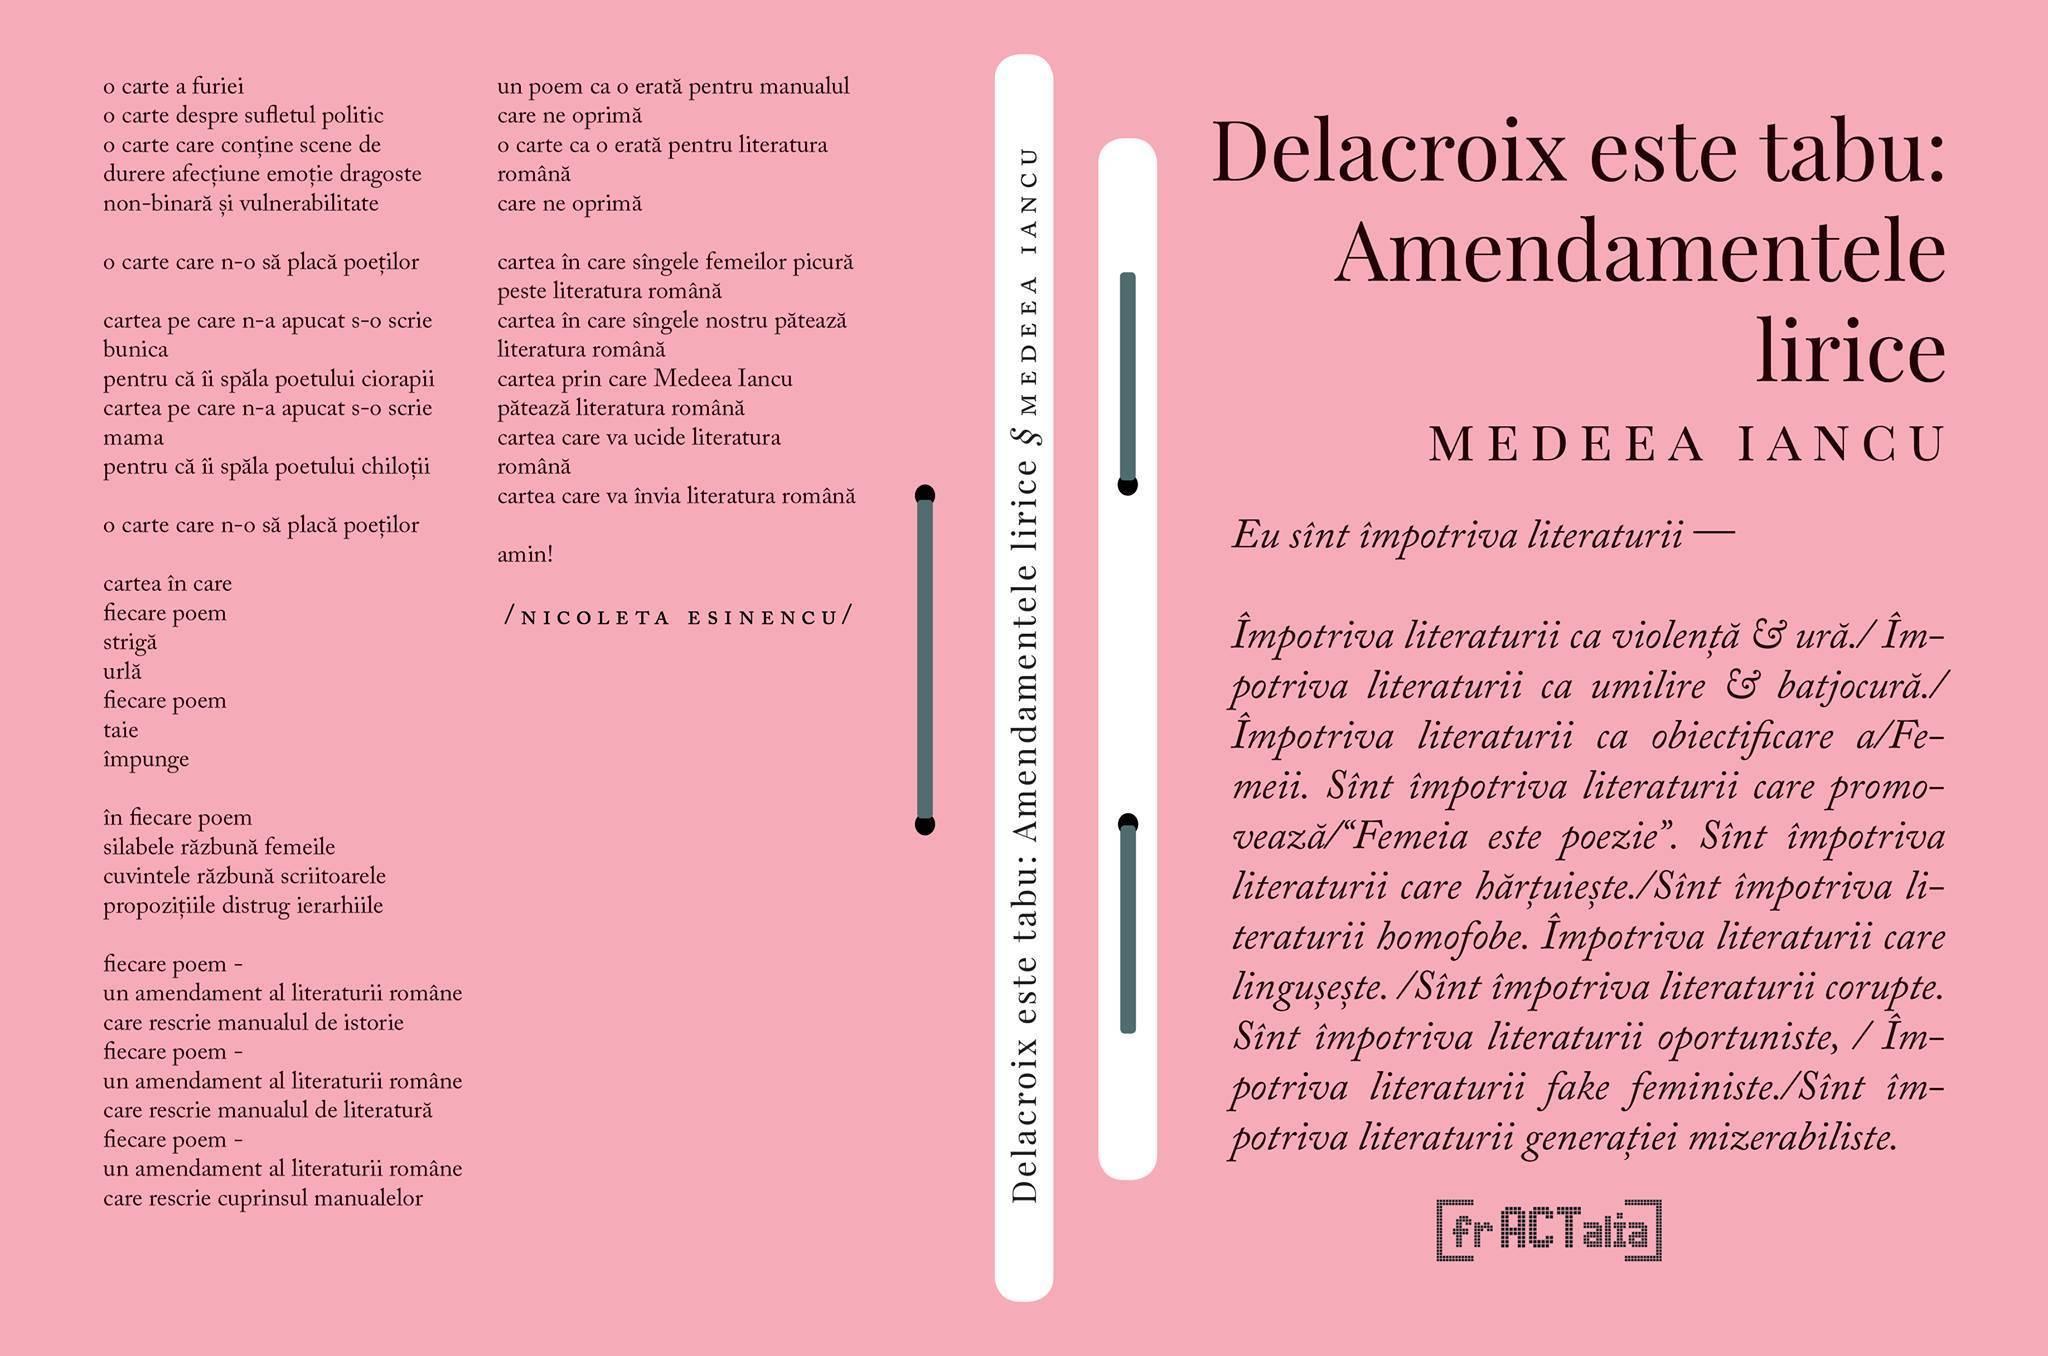 Medeea Iancu - Delacroix este tabu Amendamentele lirice